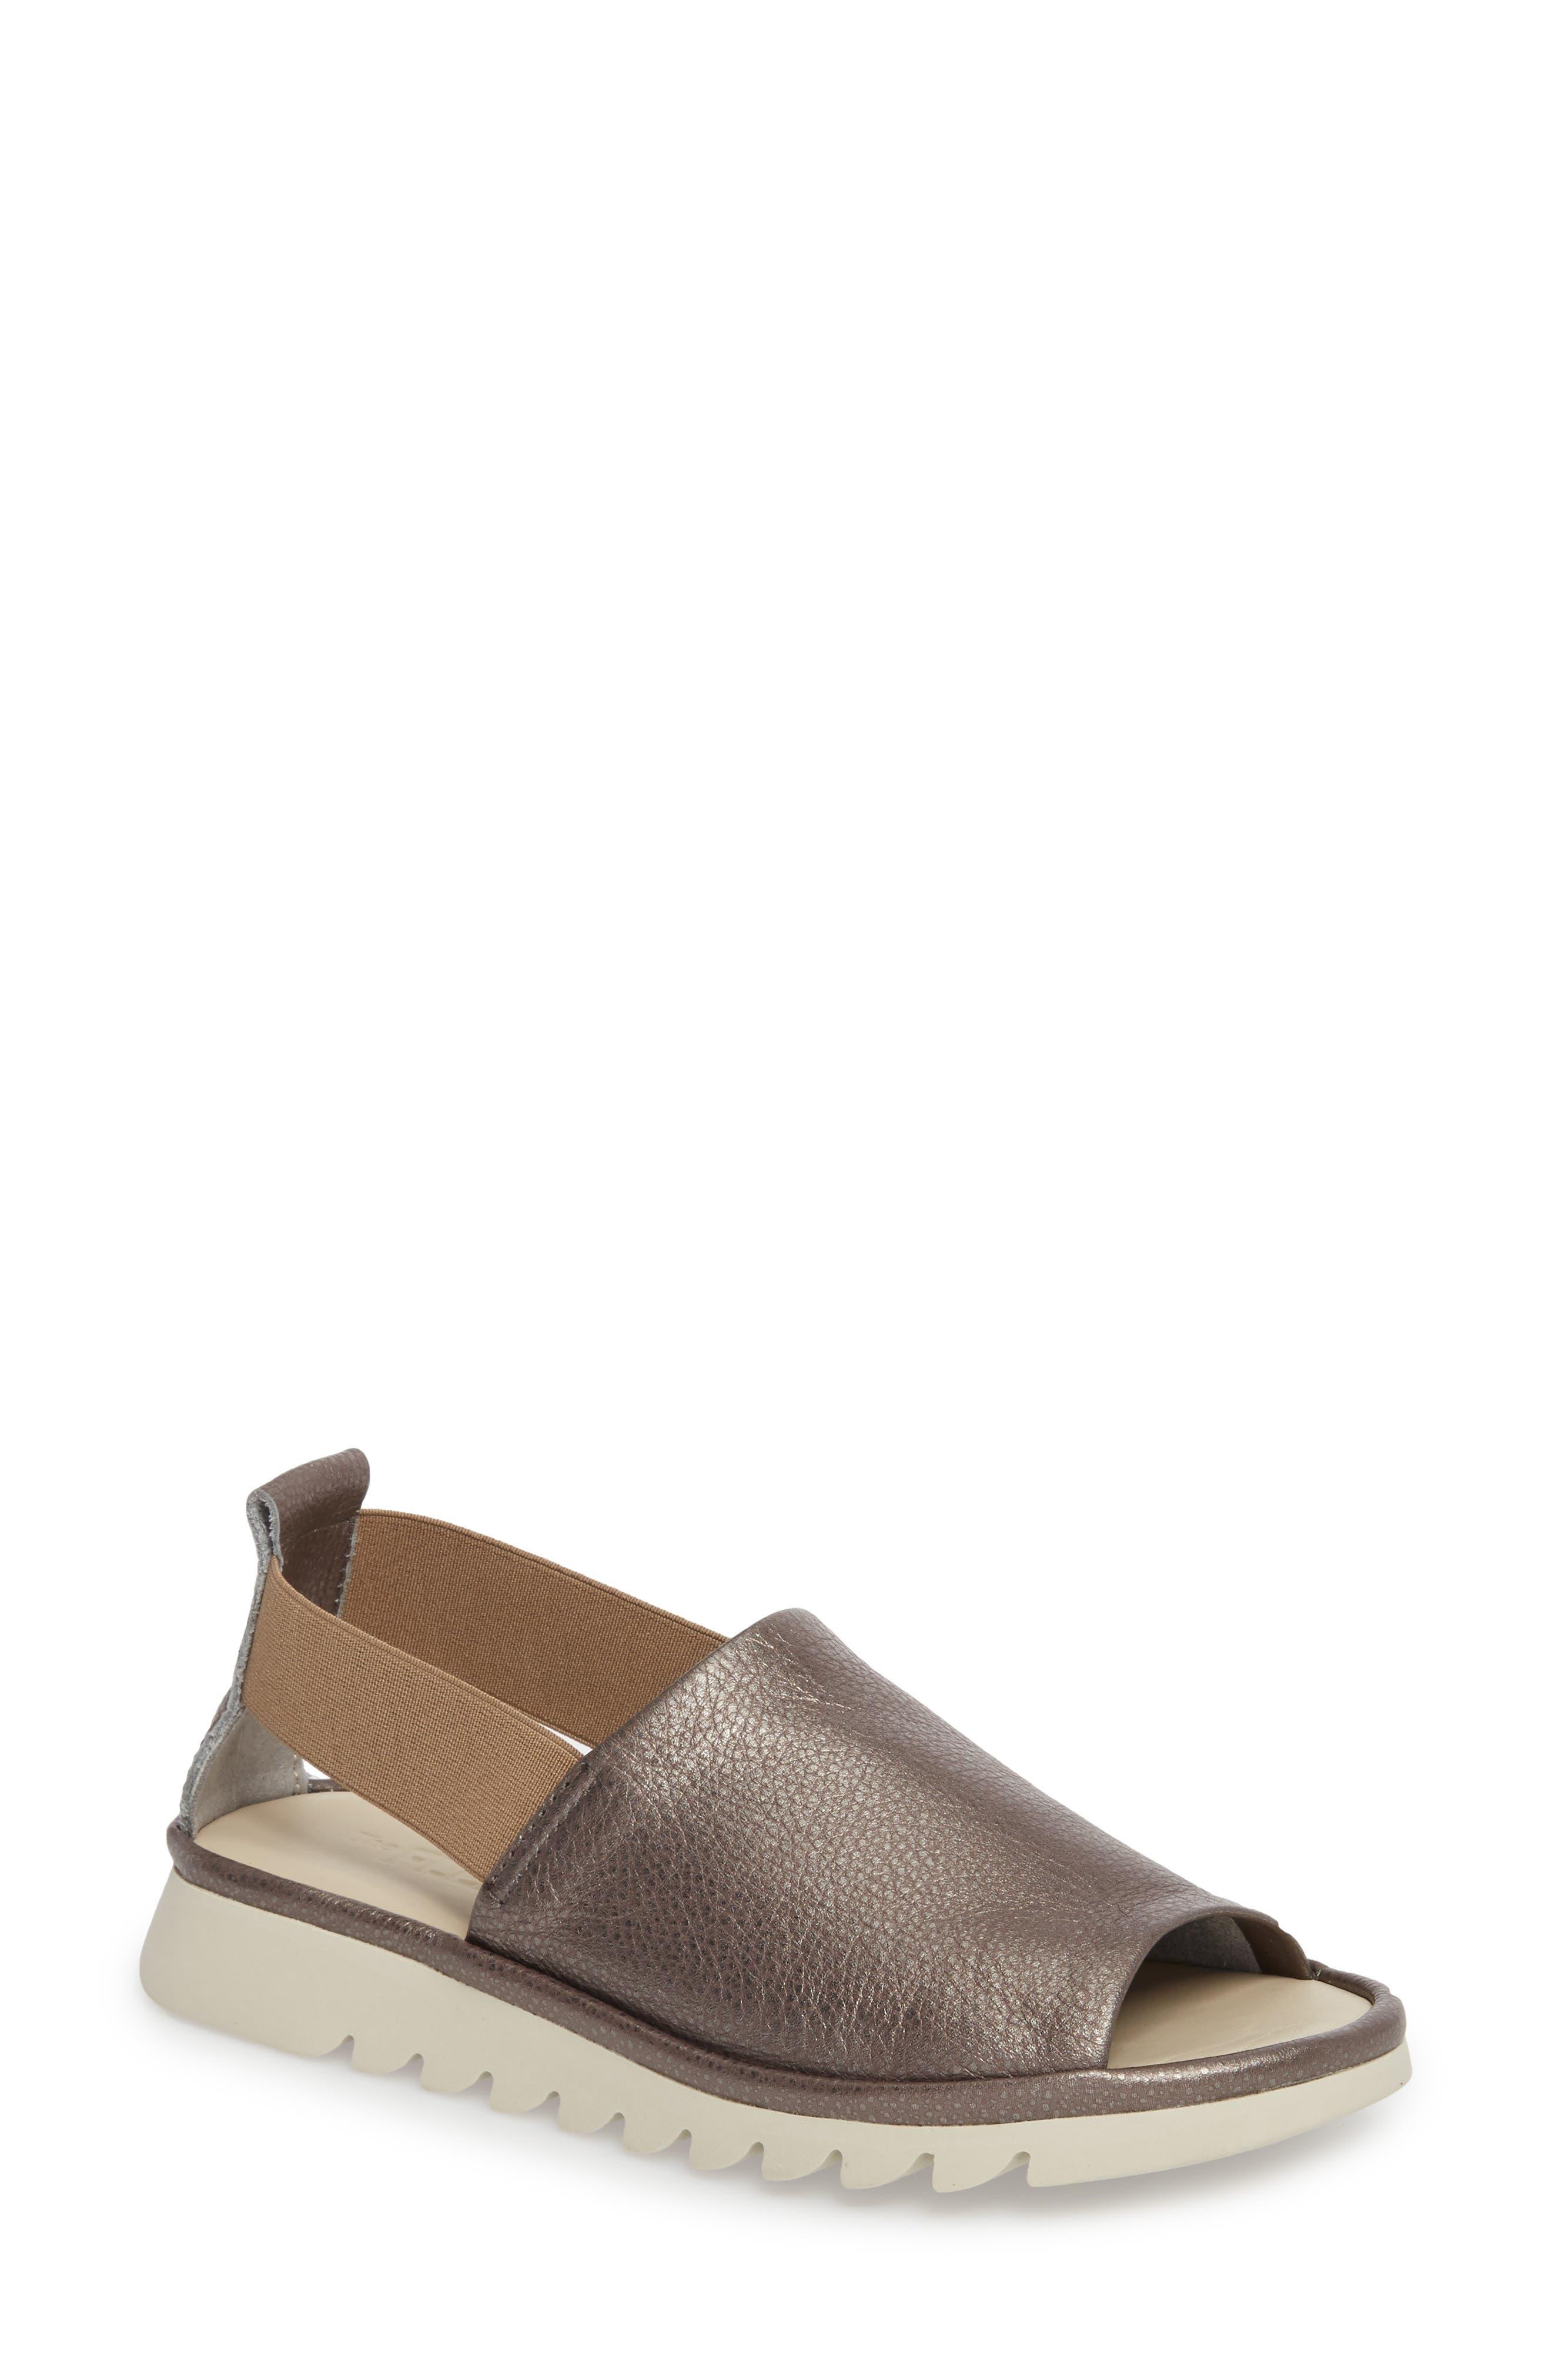 Shore Line Sandal,                         Main,                         color, Canna Di Fucile Leather